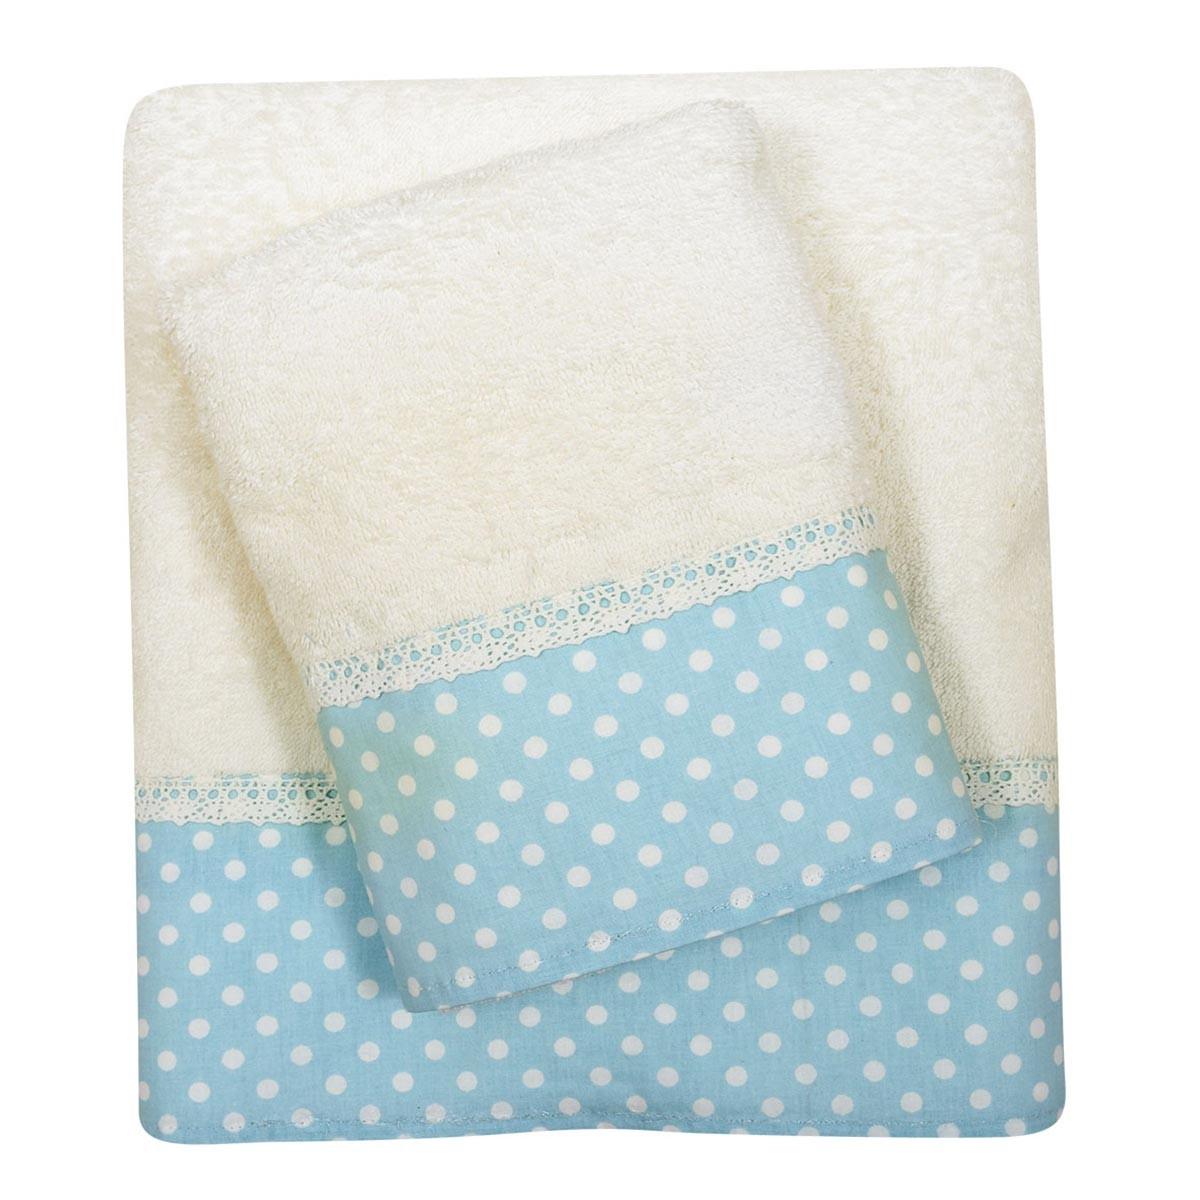 Πετσέτες Μπάνιου (Σετ 3τμχ) Das Home Daily Line 315